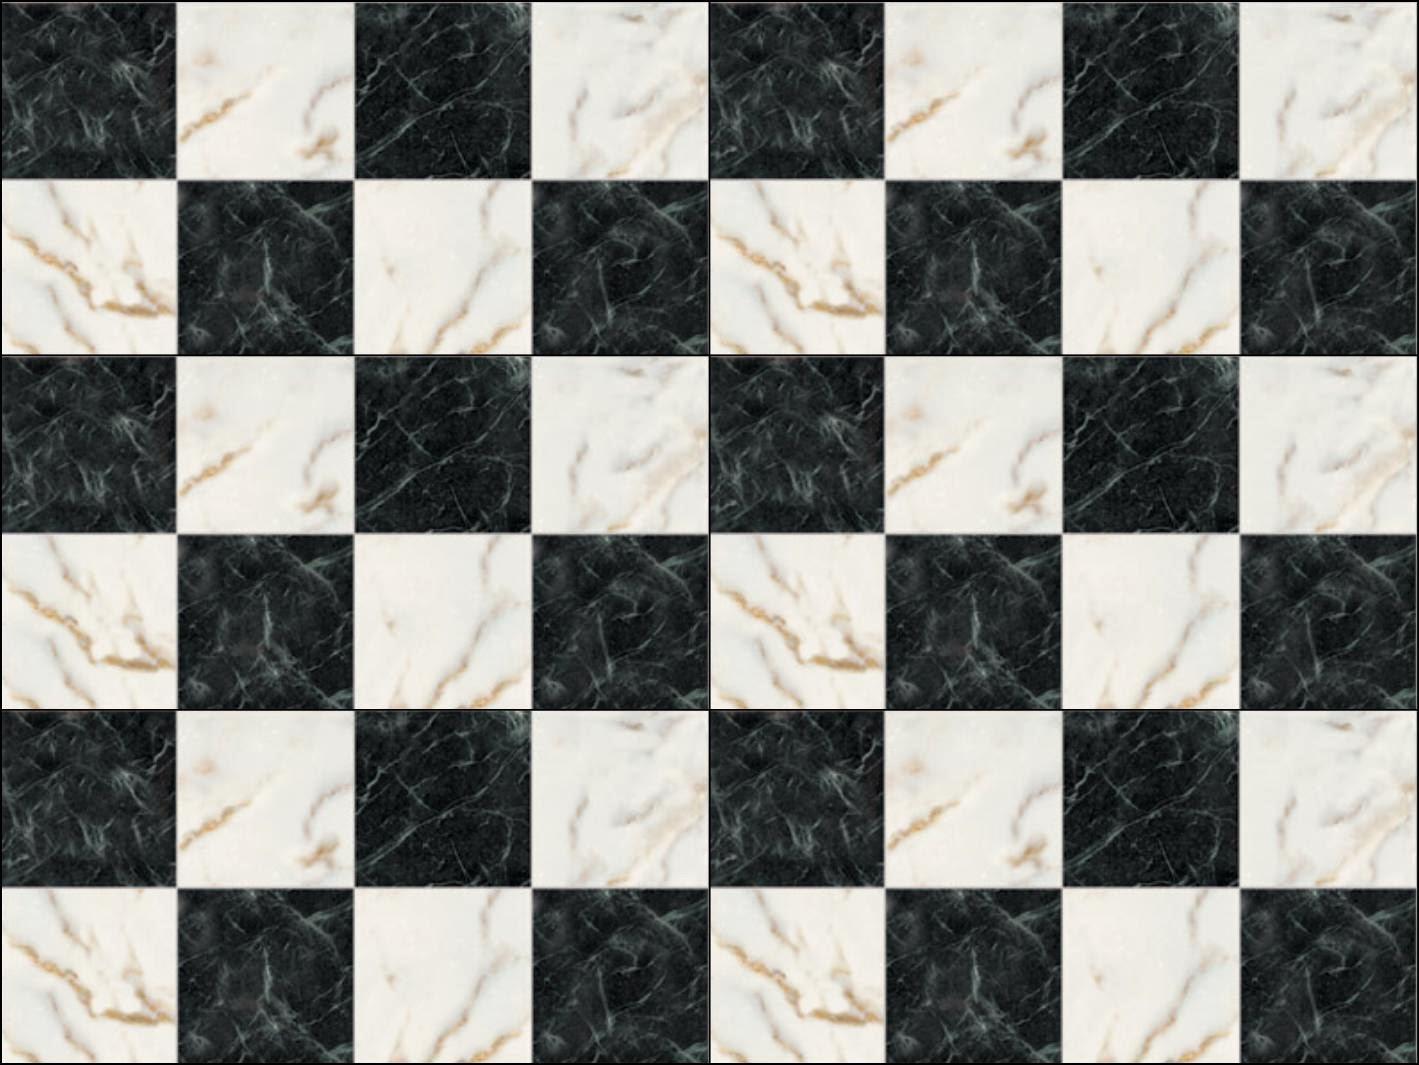 Las miniaturas de eugenia papeles suelos y azulejos - Papel para azulejos de bano ...